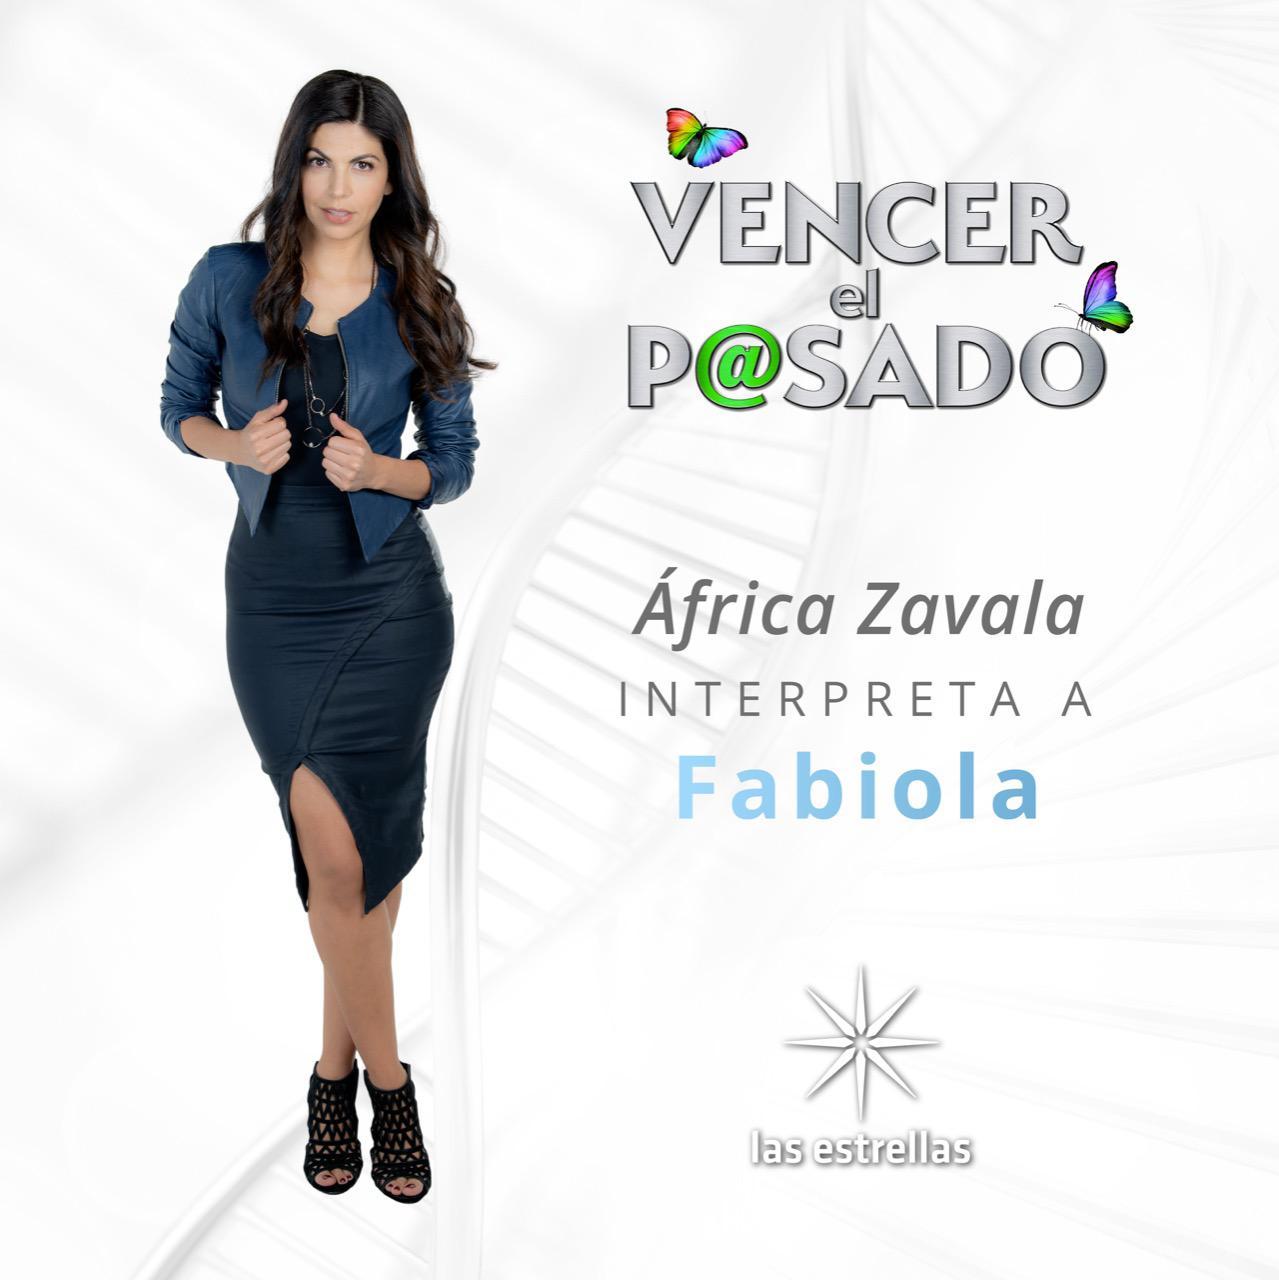 África Zavala